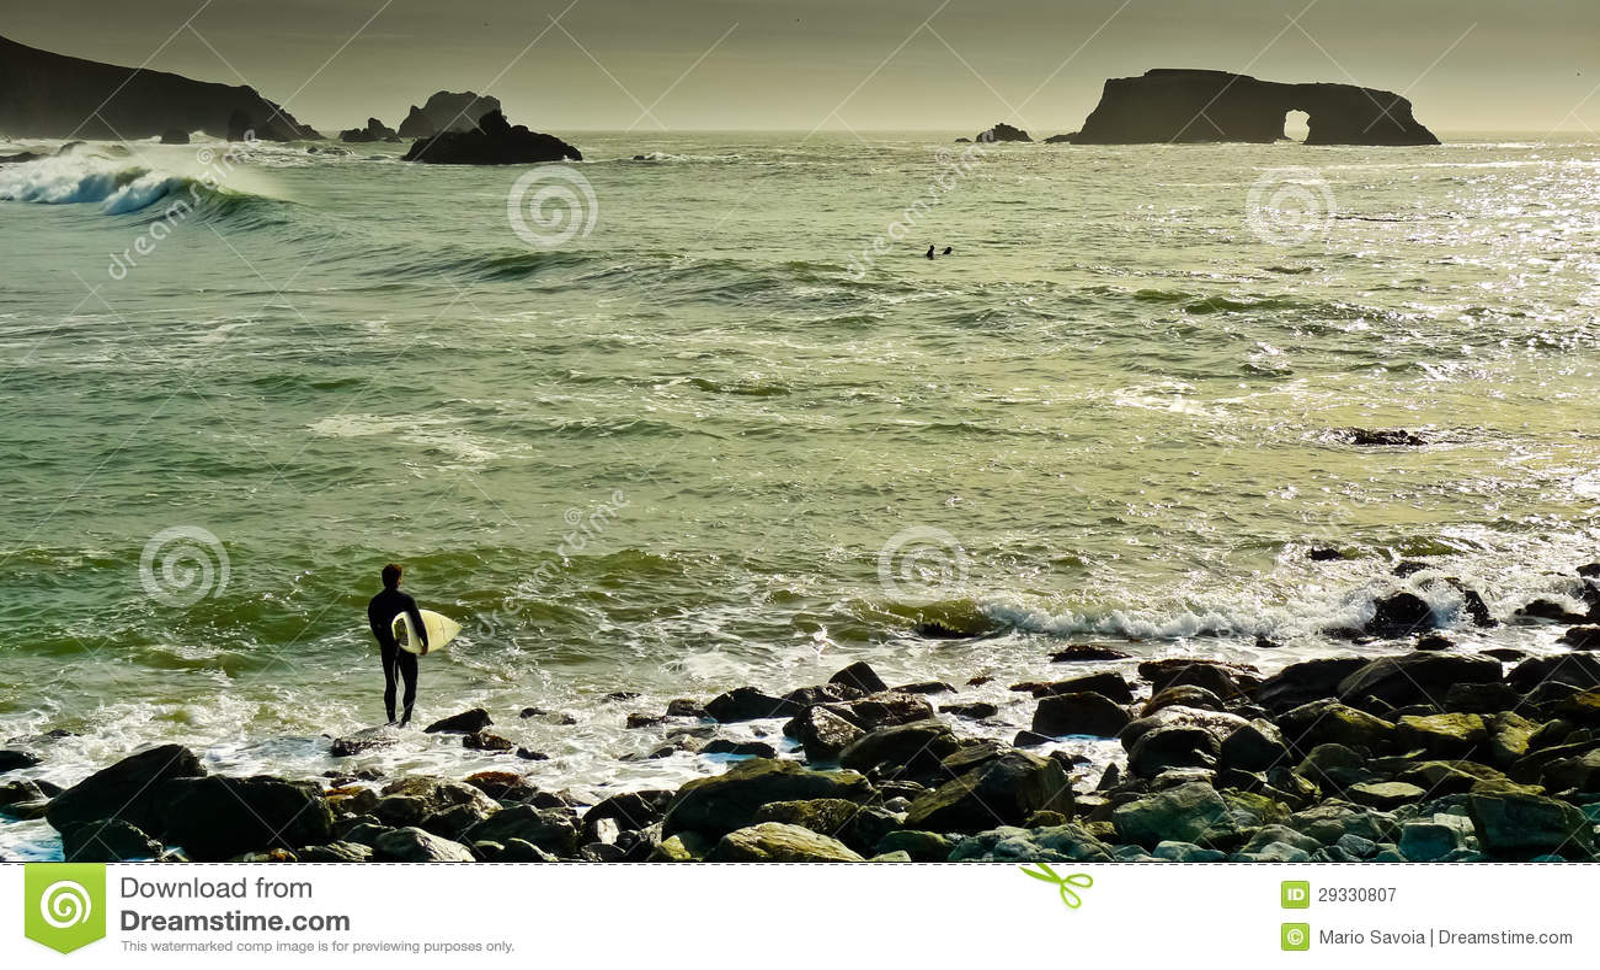 被成拱形的岩石海滩